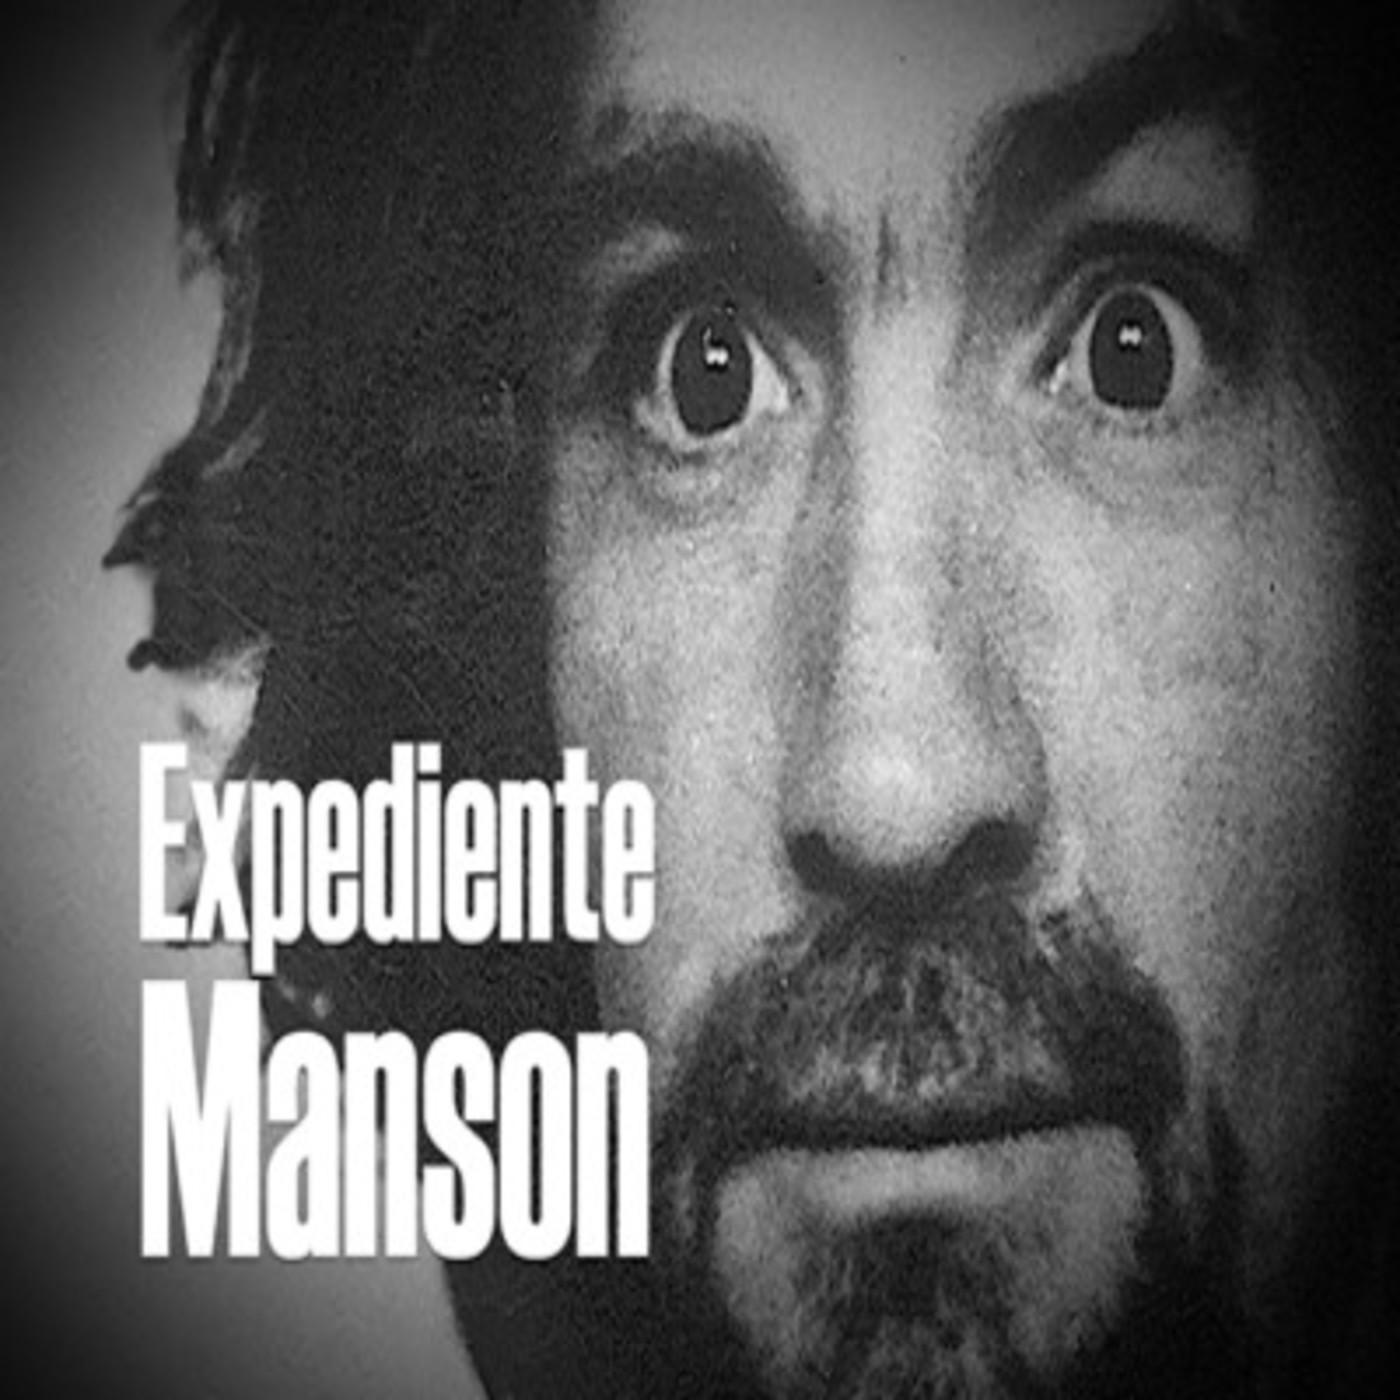 Cuarto milenio 17 12 2017 13x16 expediente manson en for Episodios cuarto milenio